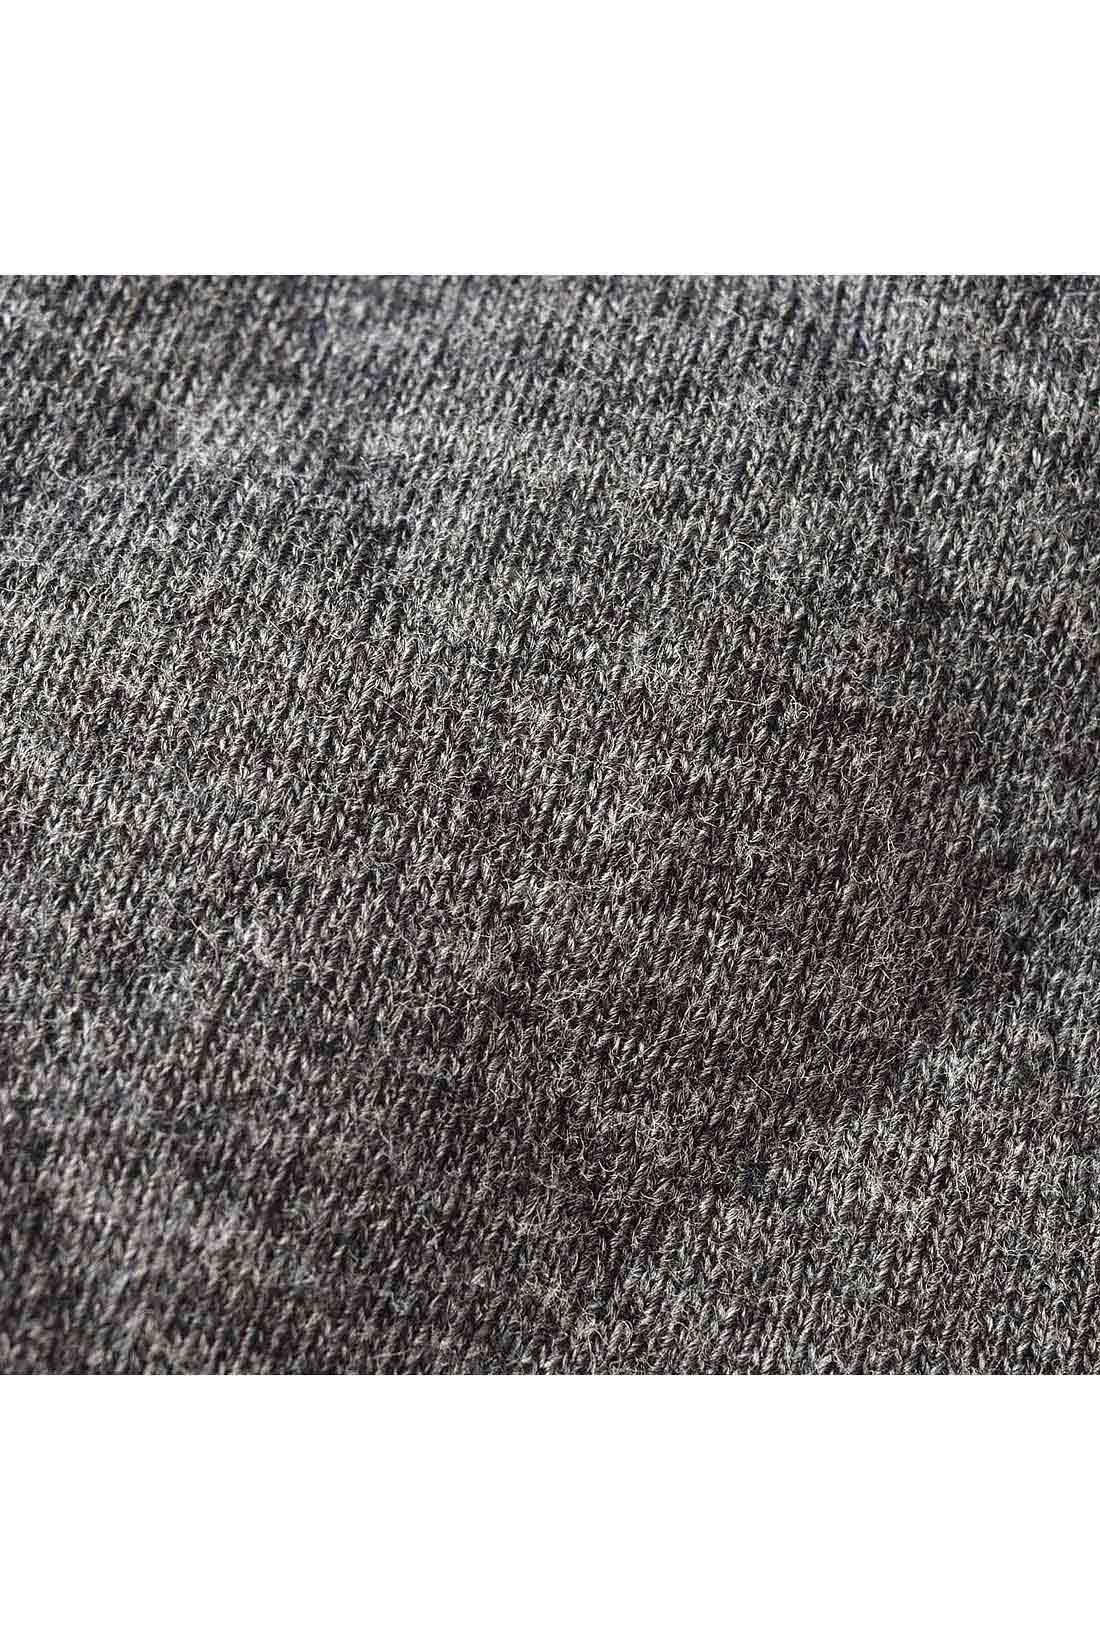 袖はキルティングで、軽くてやわらかな着心地がポイント。